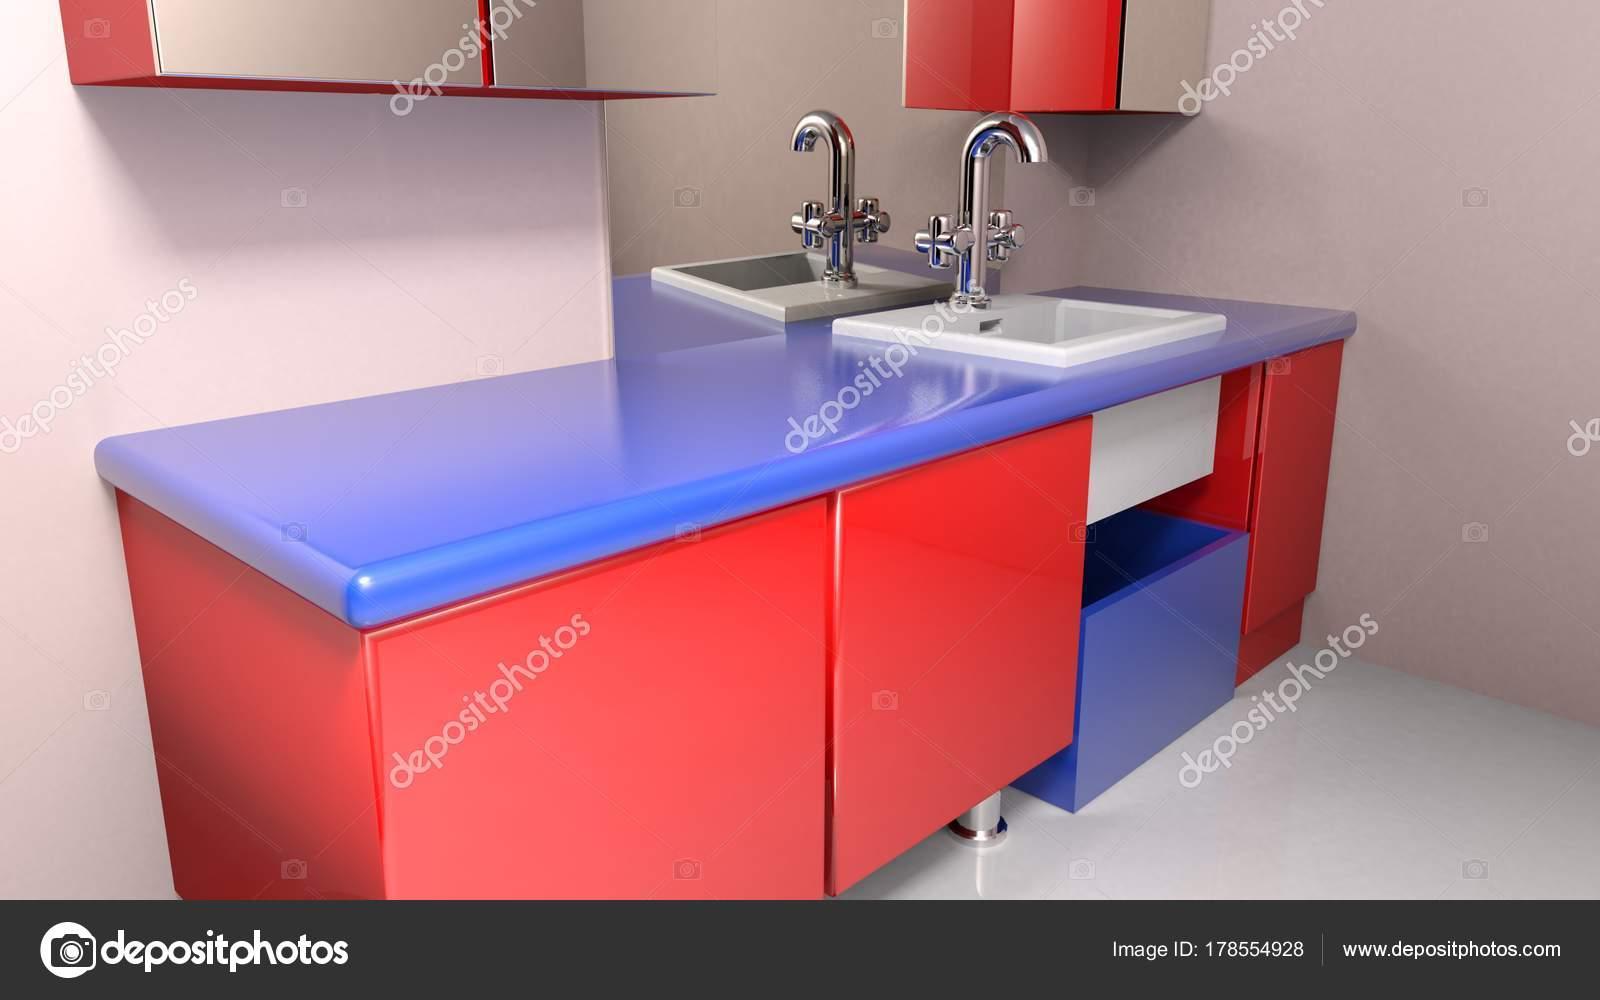 Bagni Colorati Blu : Bagno moderno con mobili colorati blu rosso rendering u foto stock